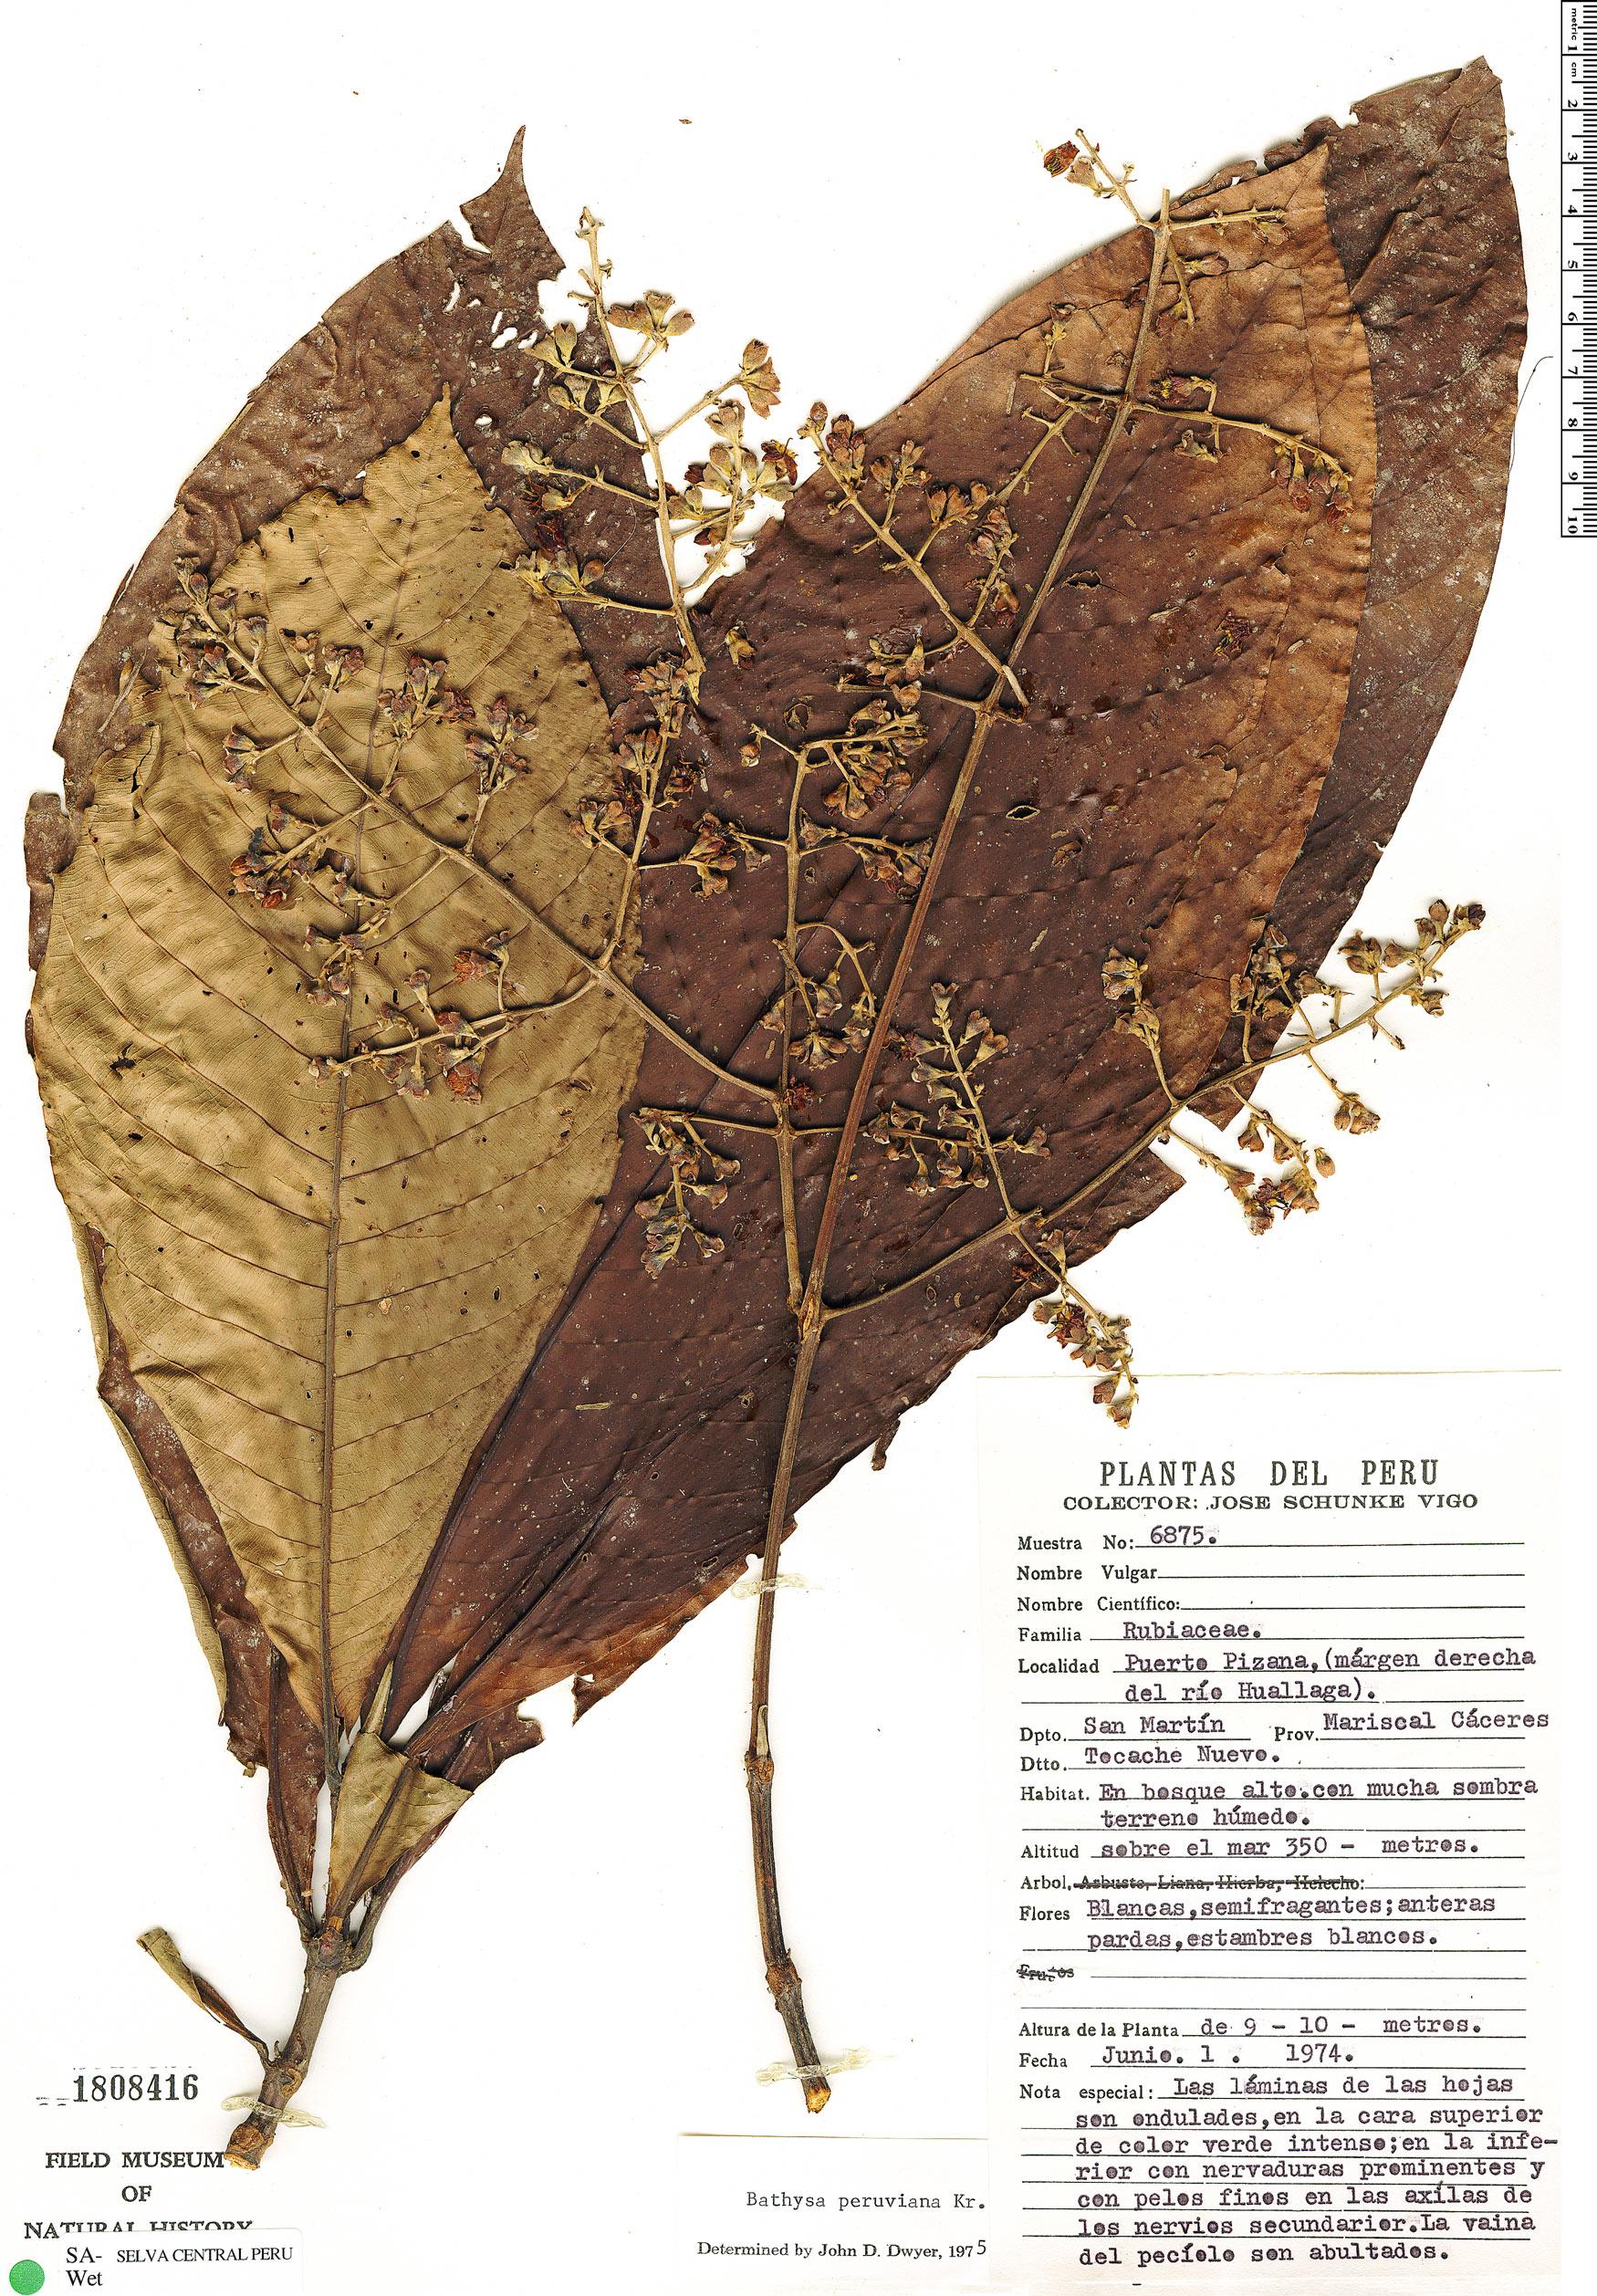 Specimen: Schizocalyx peruvianus